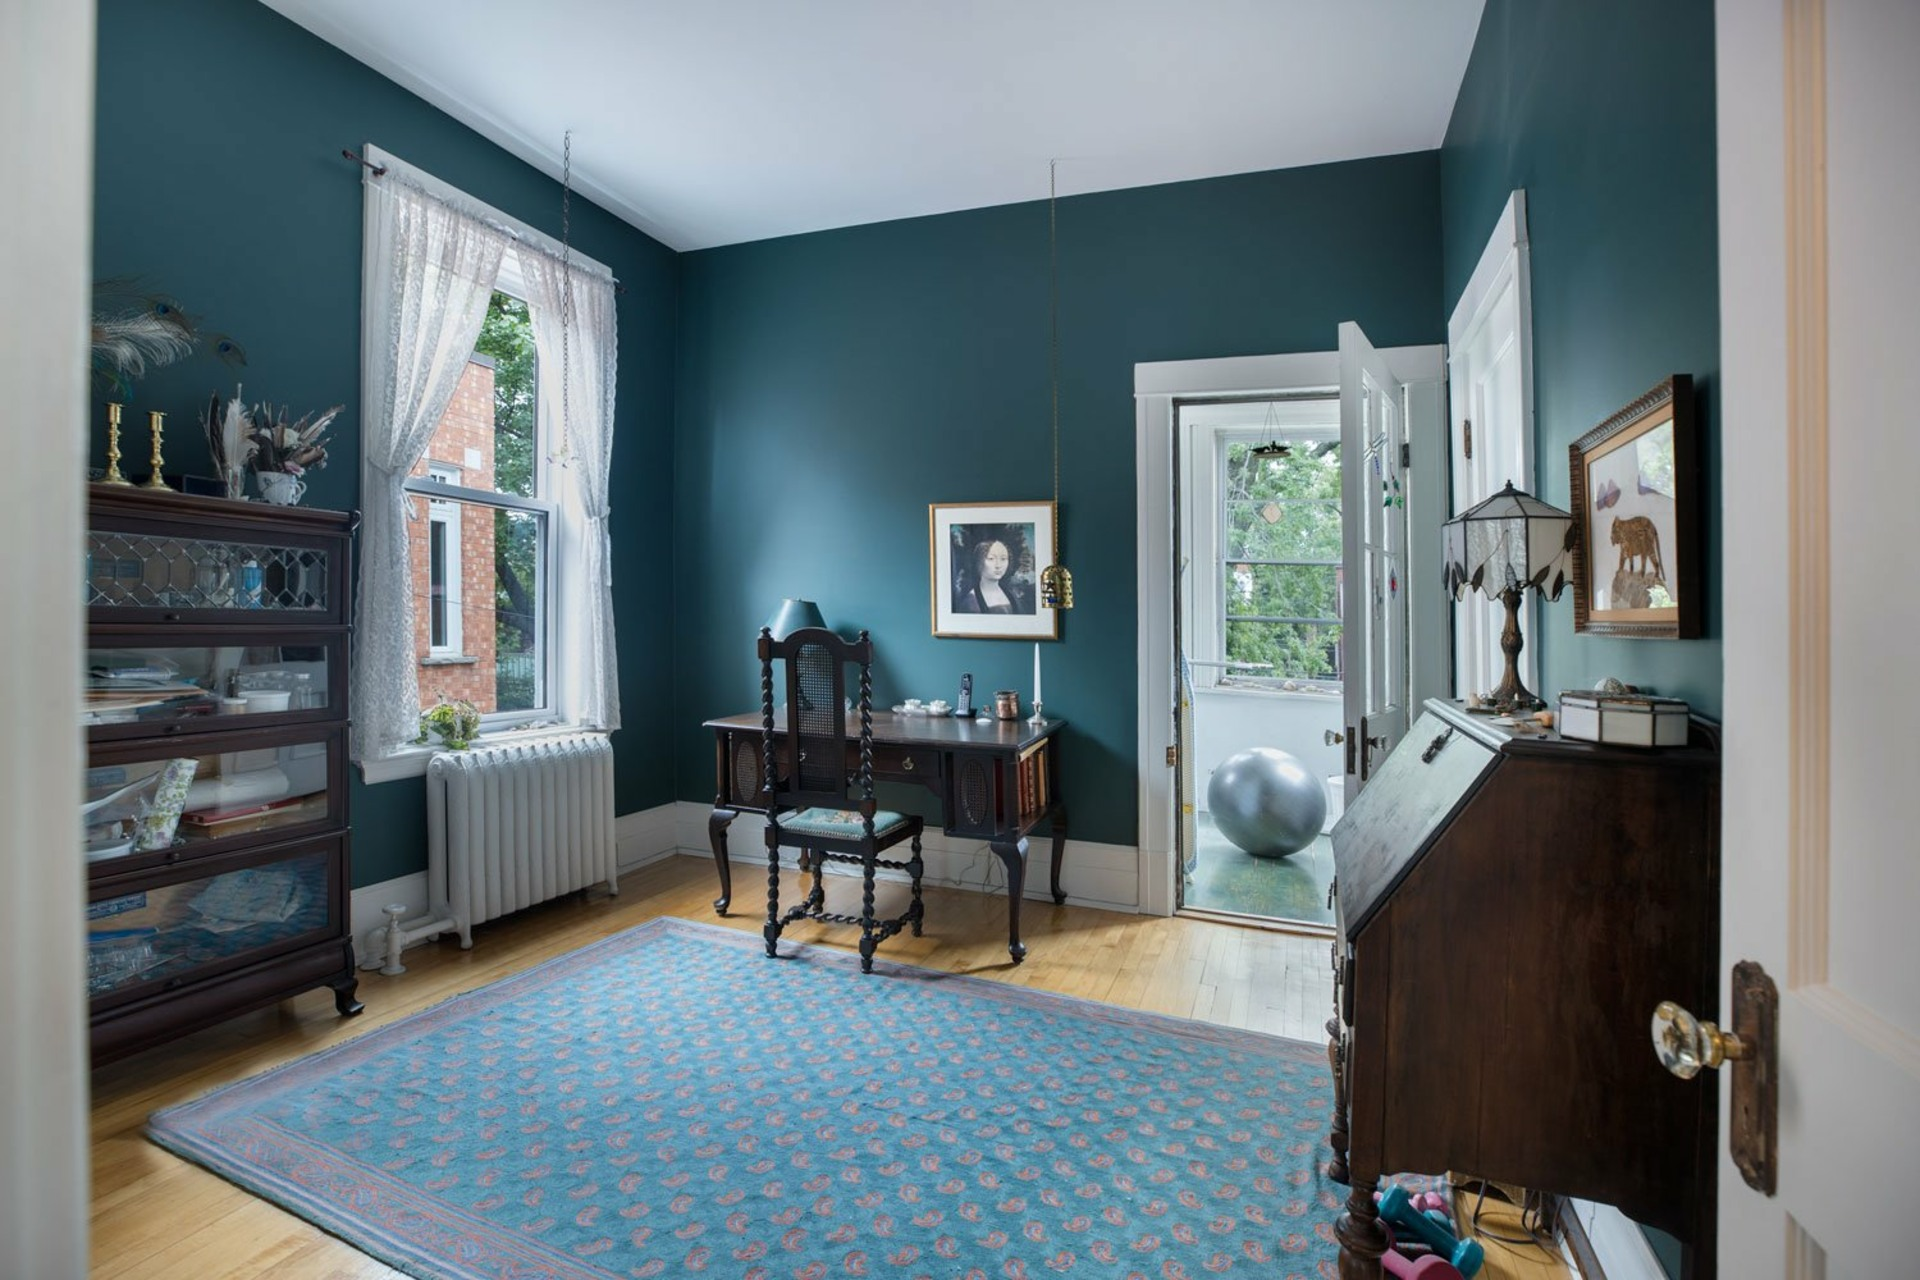 image 9 - Maison À vendre Côte-des-Neiges/Notre-Dame-de-Grâce Montréal  - 10 pièces